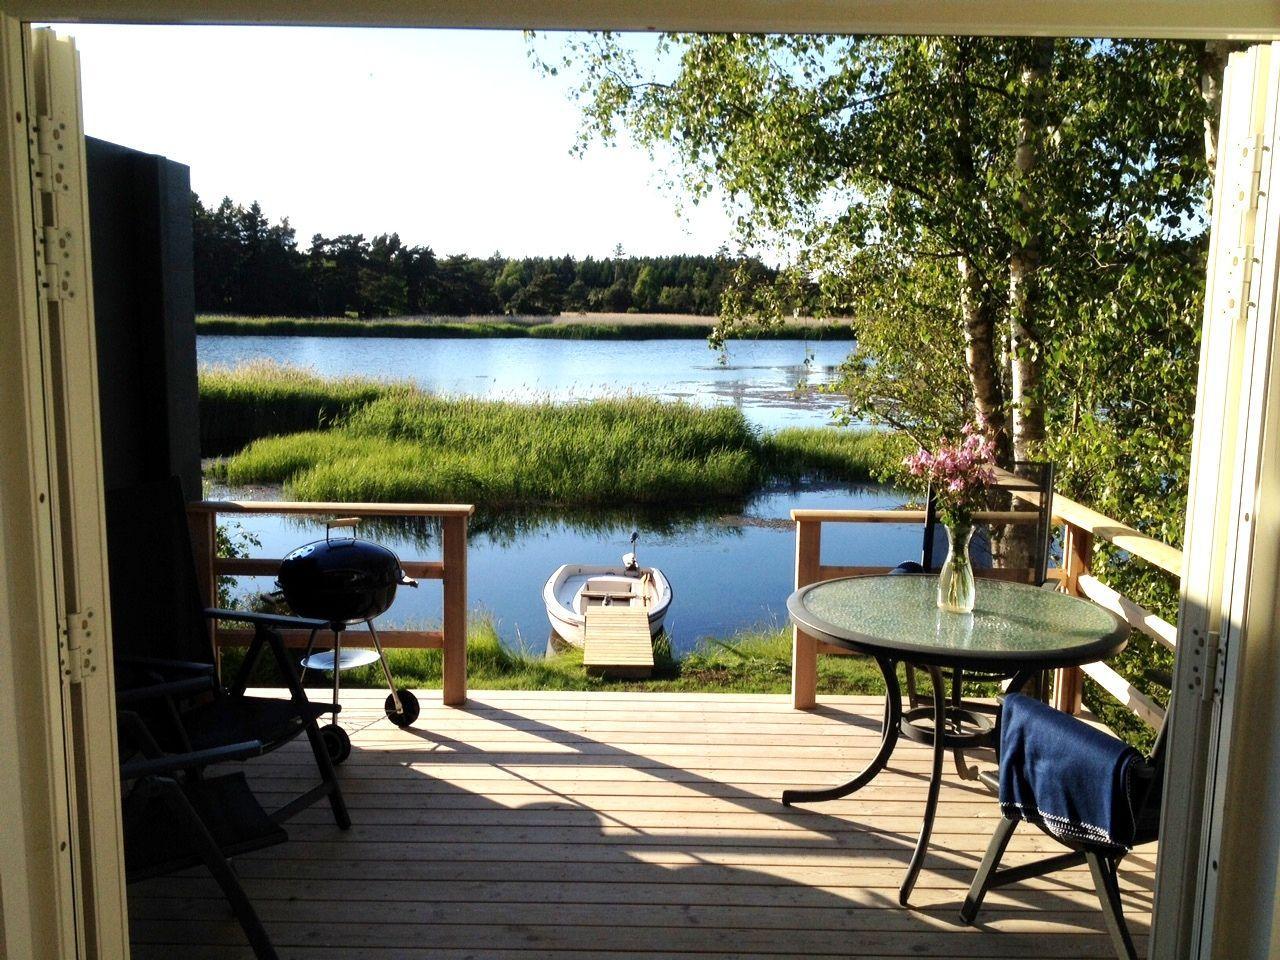 Ferienhaus für 2 Personen 3 Kinder ca 37 m² in Rockneby Südschweden Schärengarten der Südostküste